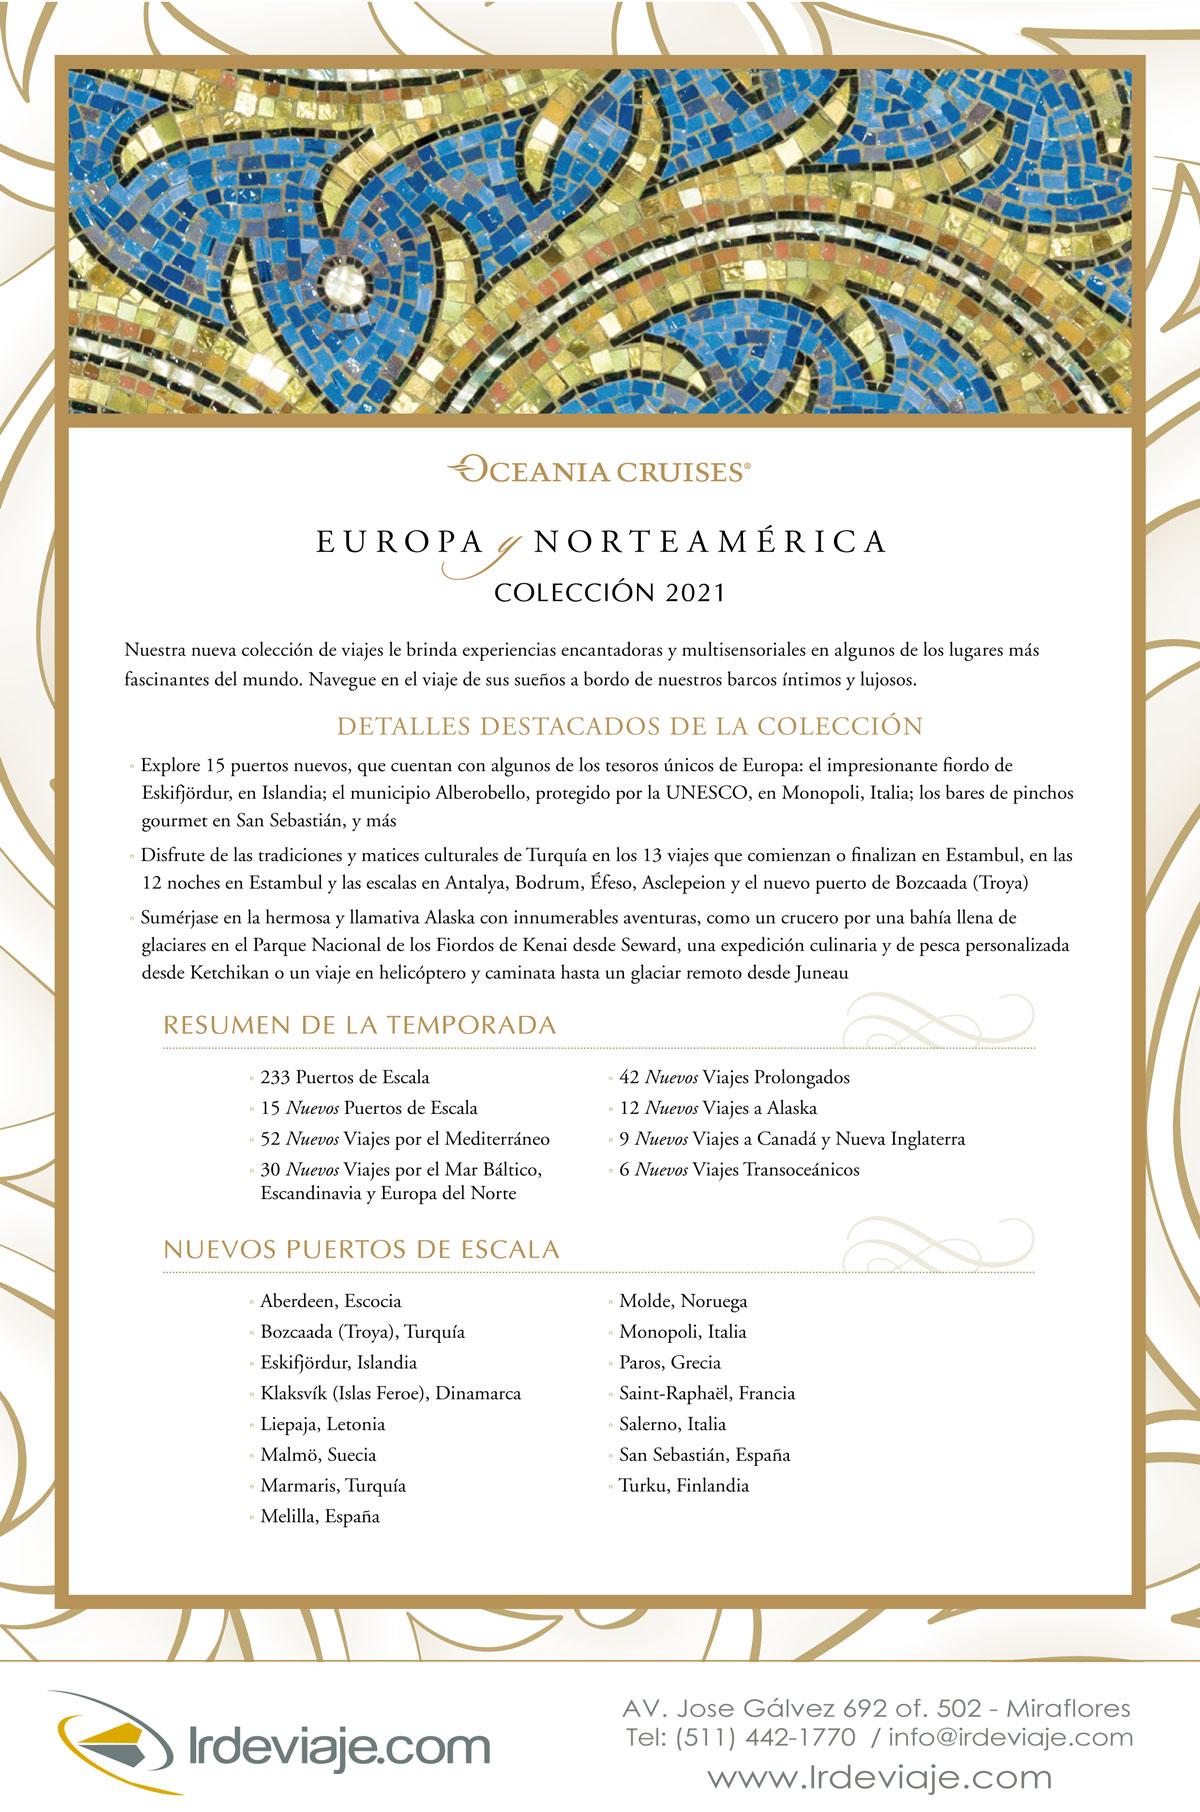 Europa Norteamérica 2021